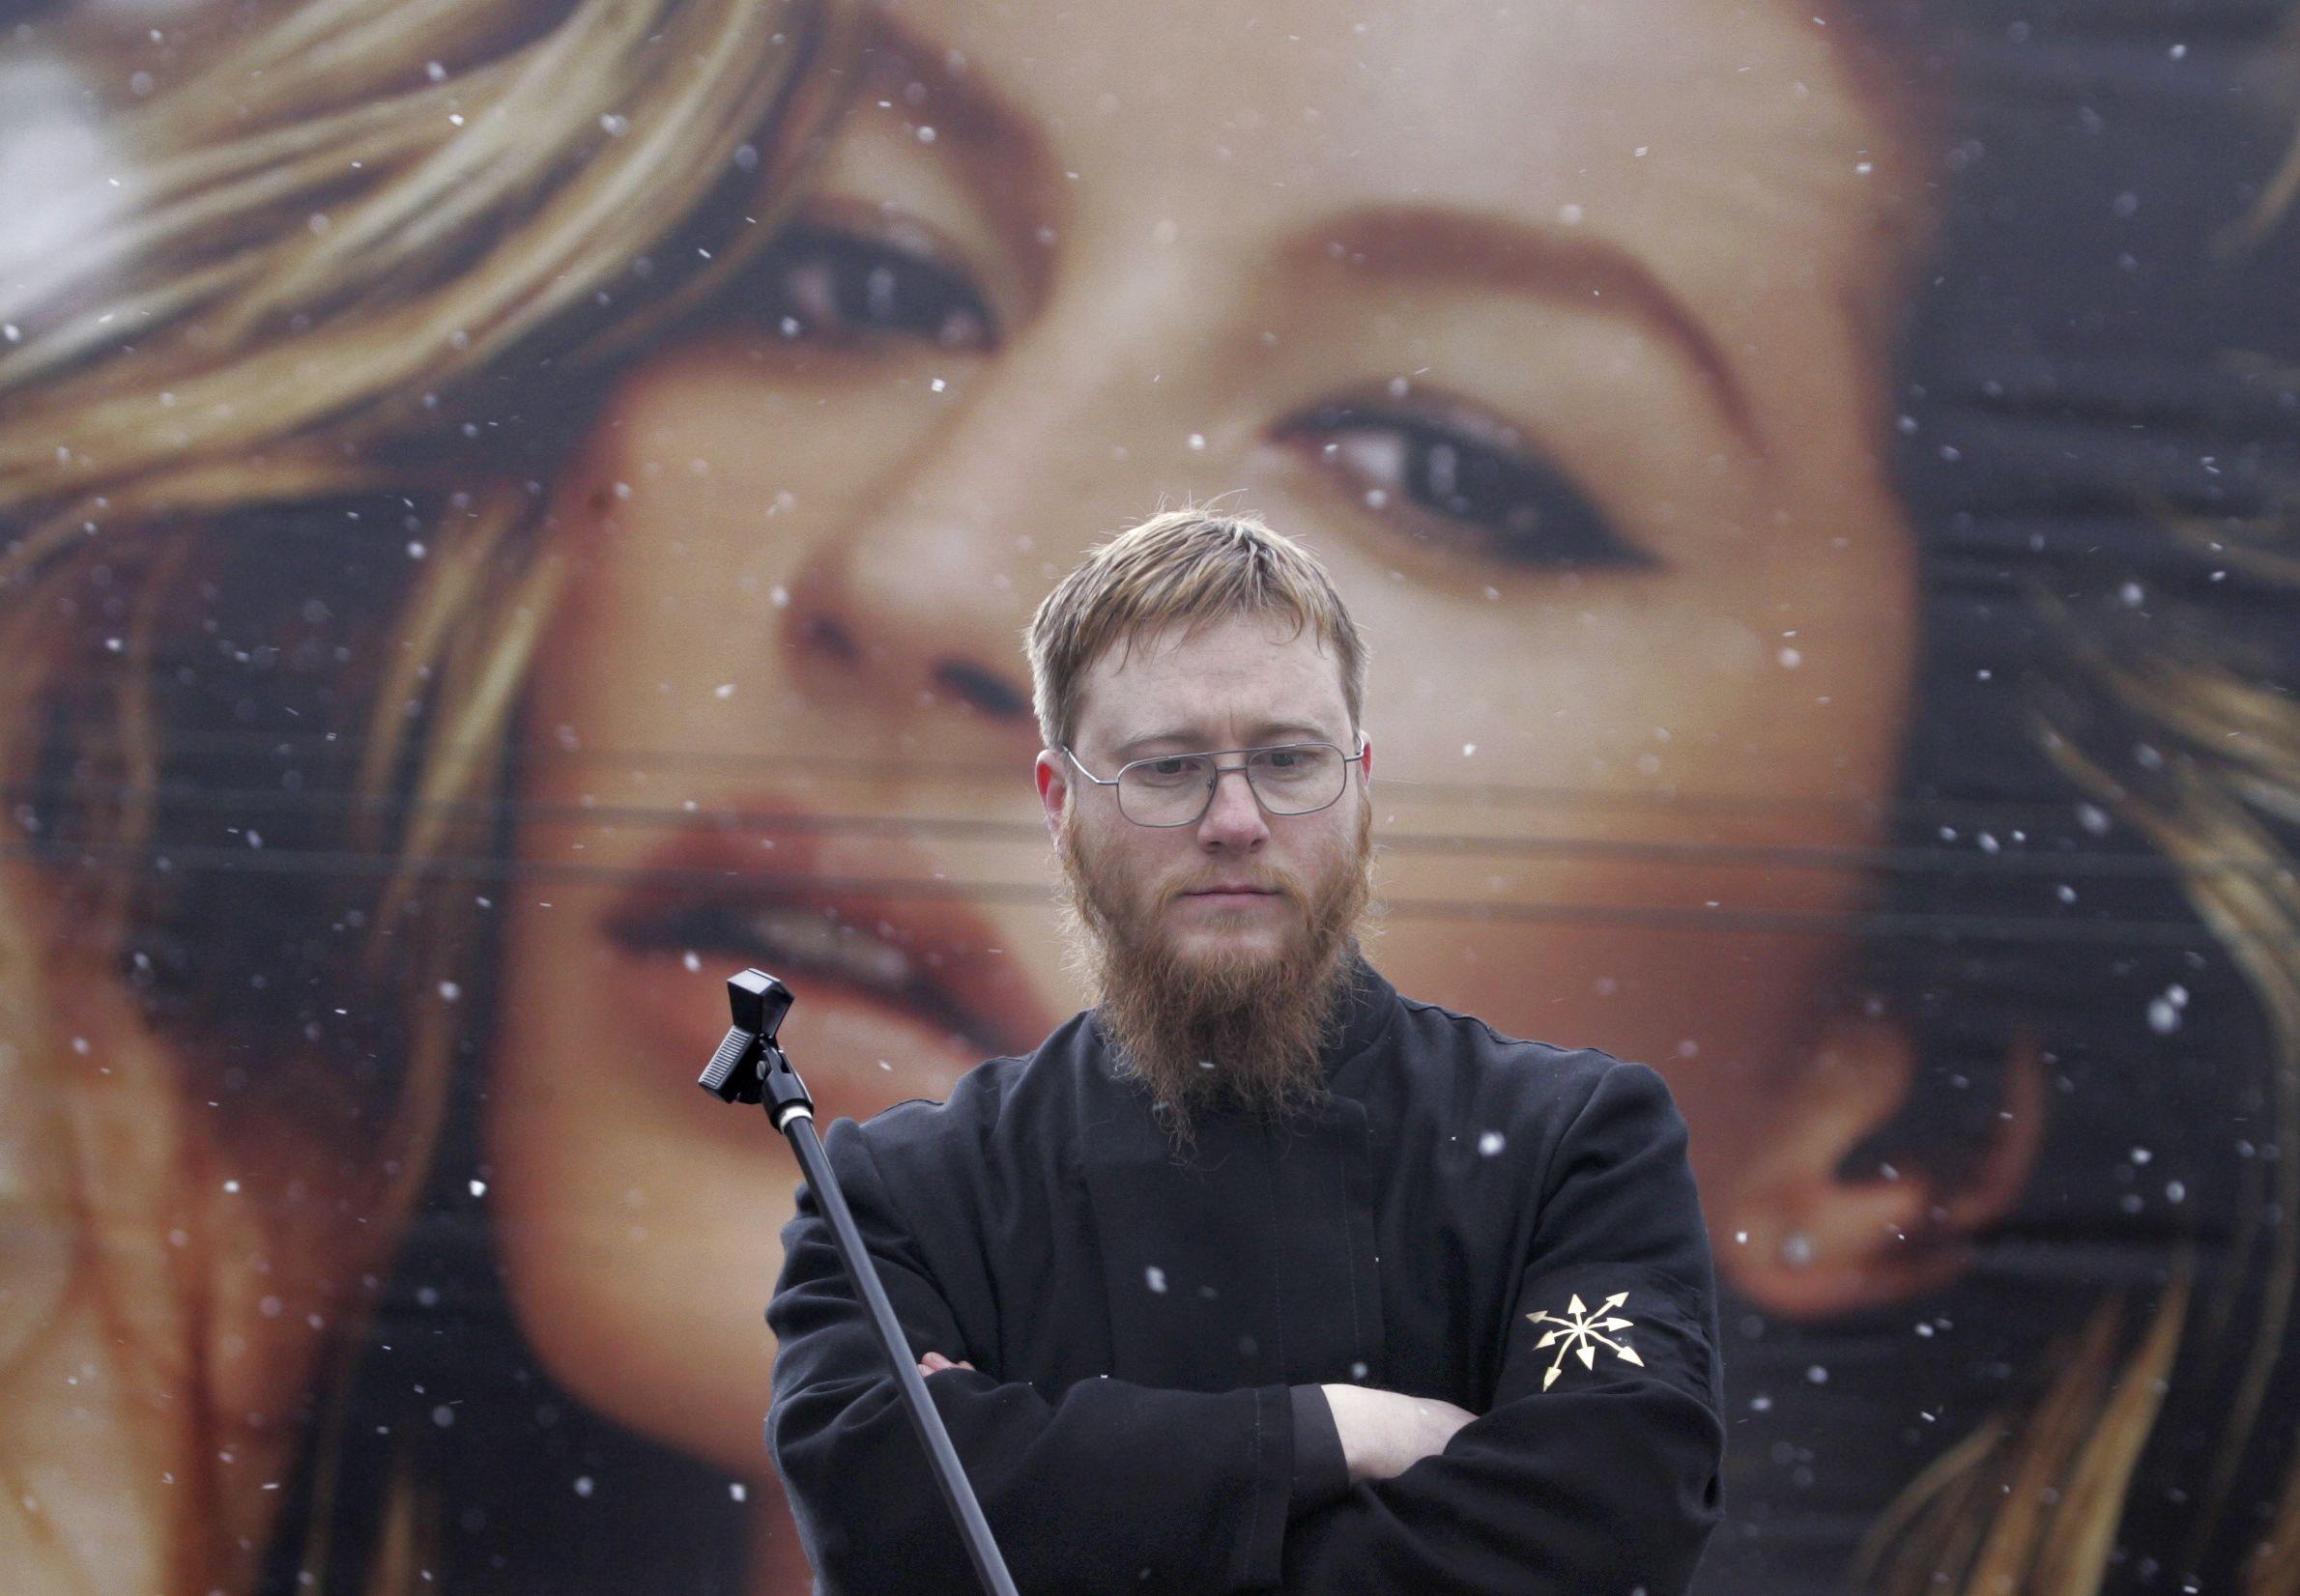 Gisele Bundchen ad in Russia